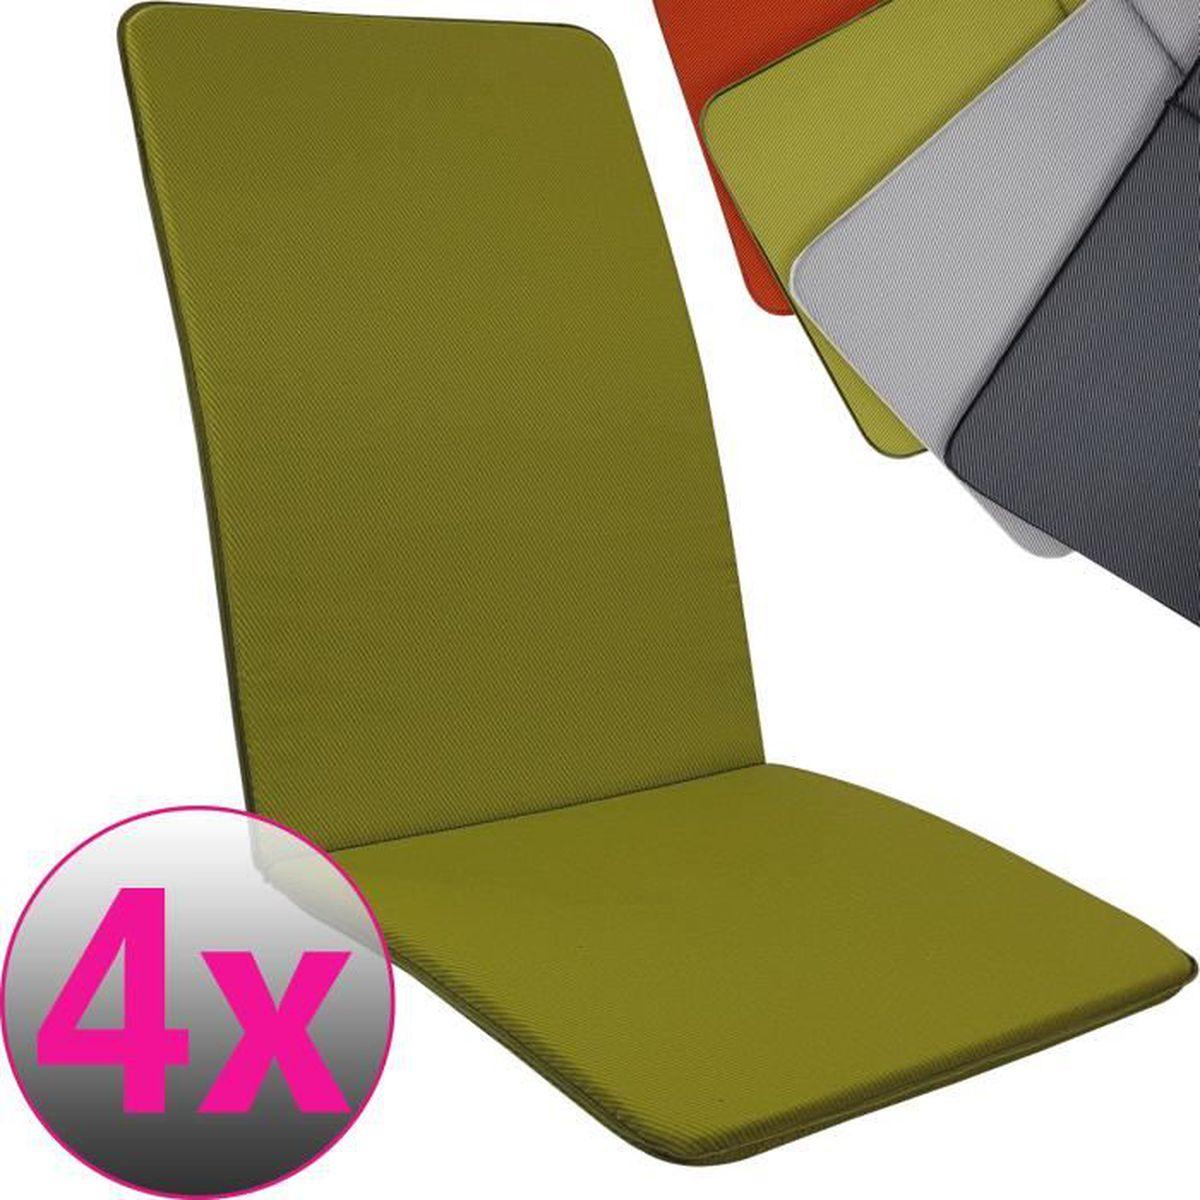 Coussins pour chaise à dossier haut chaise fauteuil chaise de jardin Jardin Coussin Oreiller Coussin